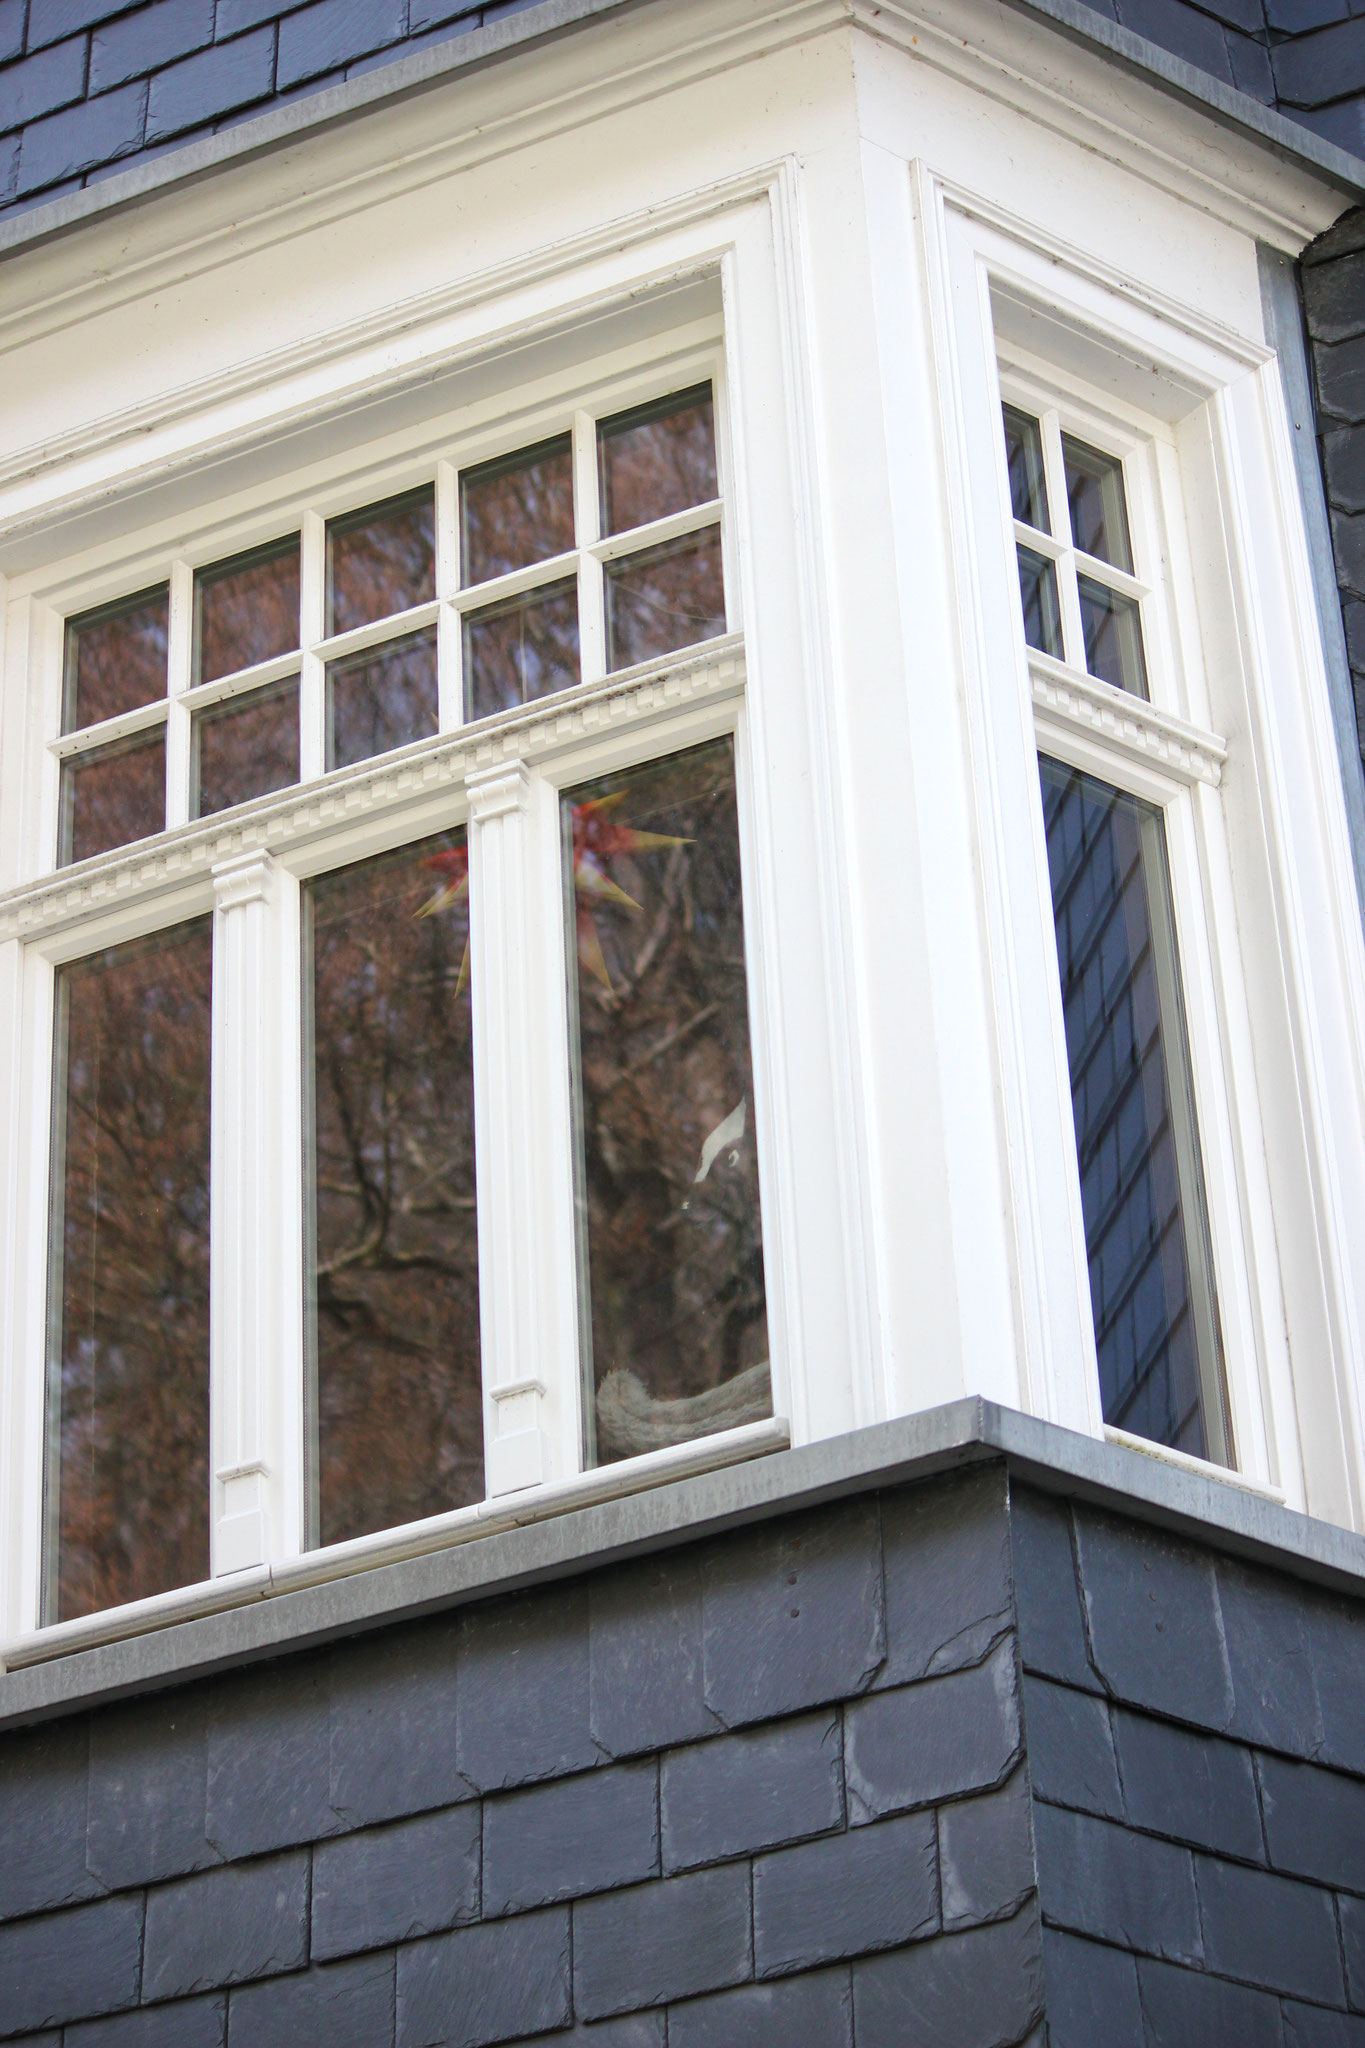 Holzfenster im Denkmalschutz der Schreinerei Wilden GmbH